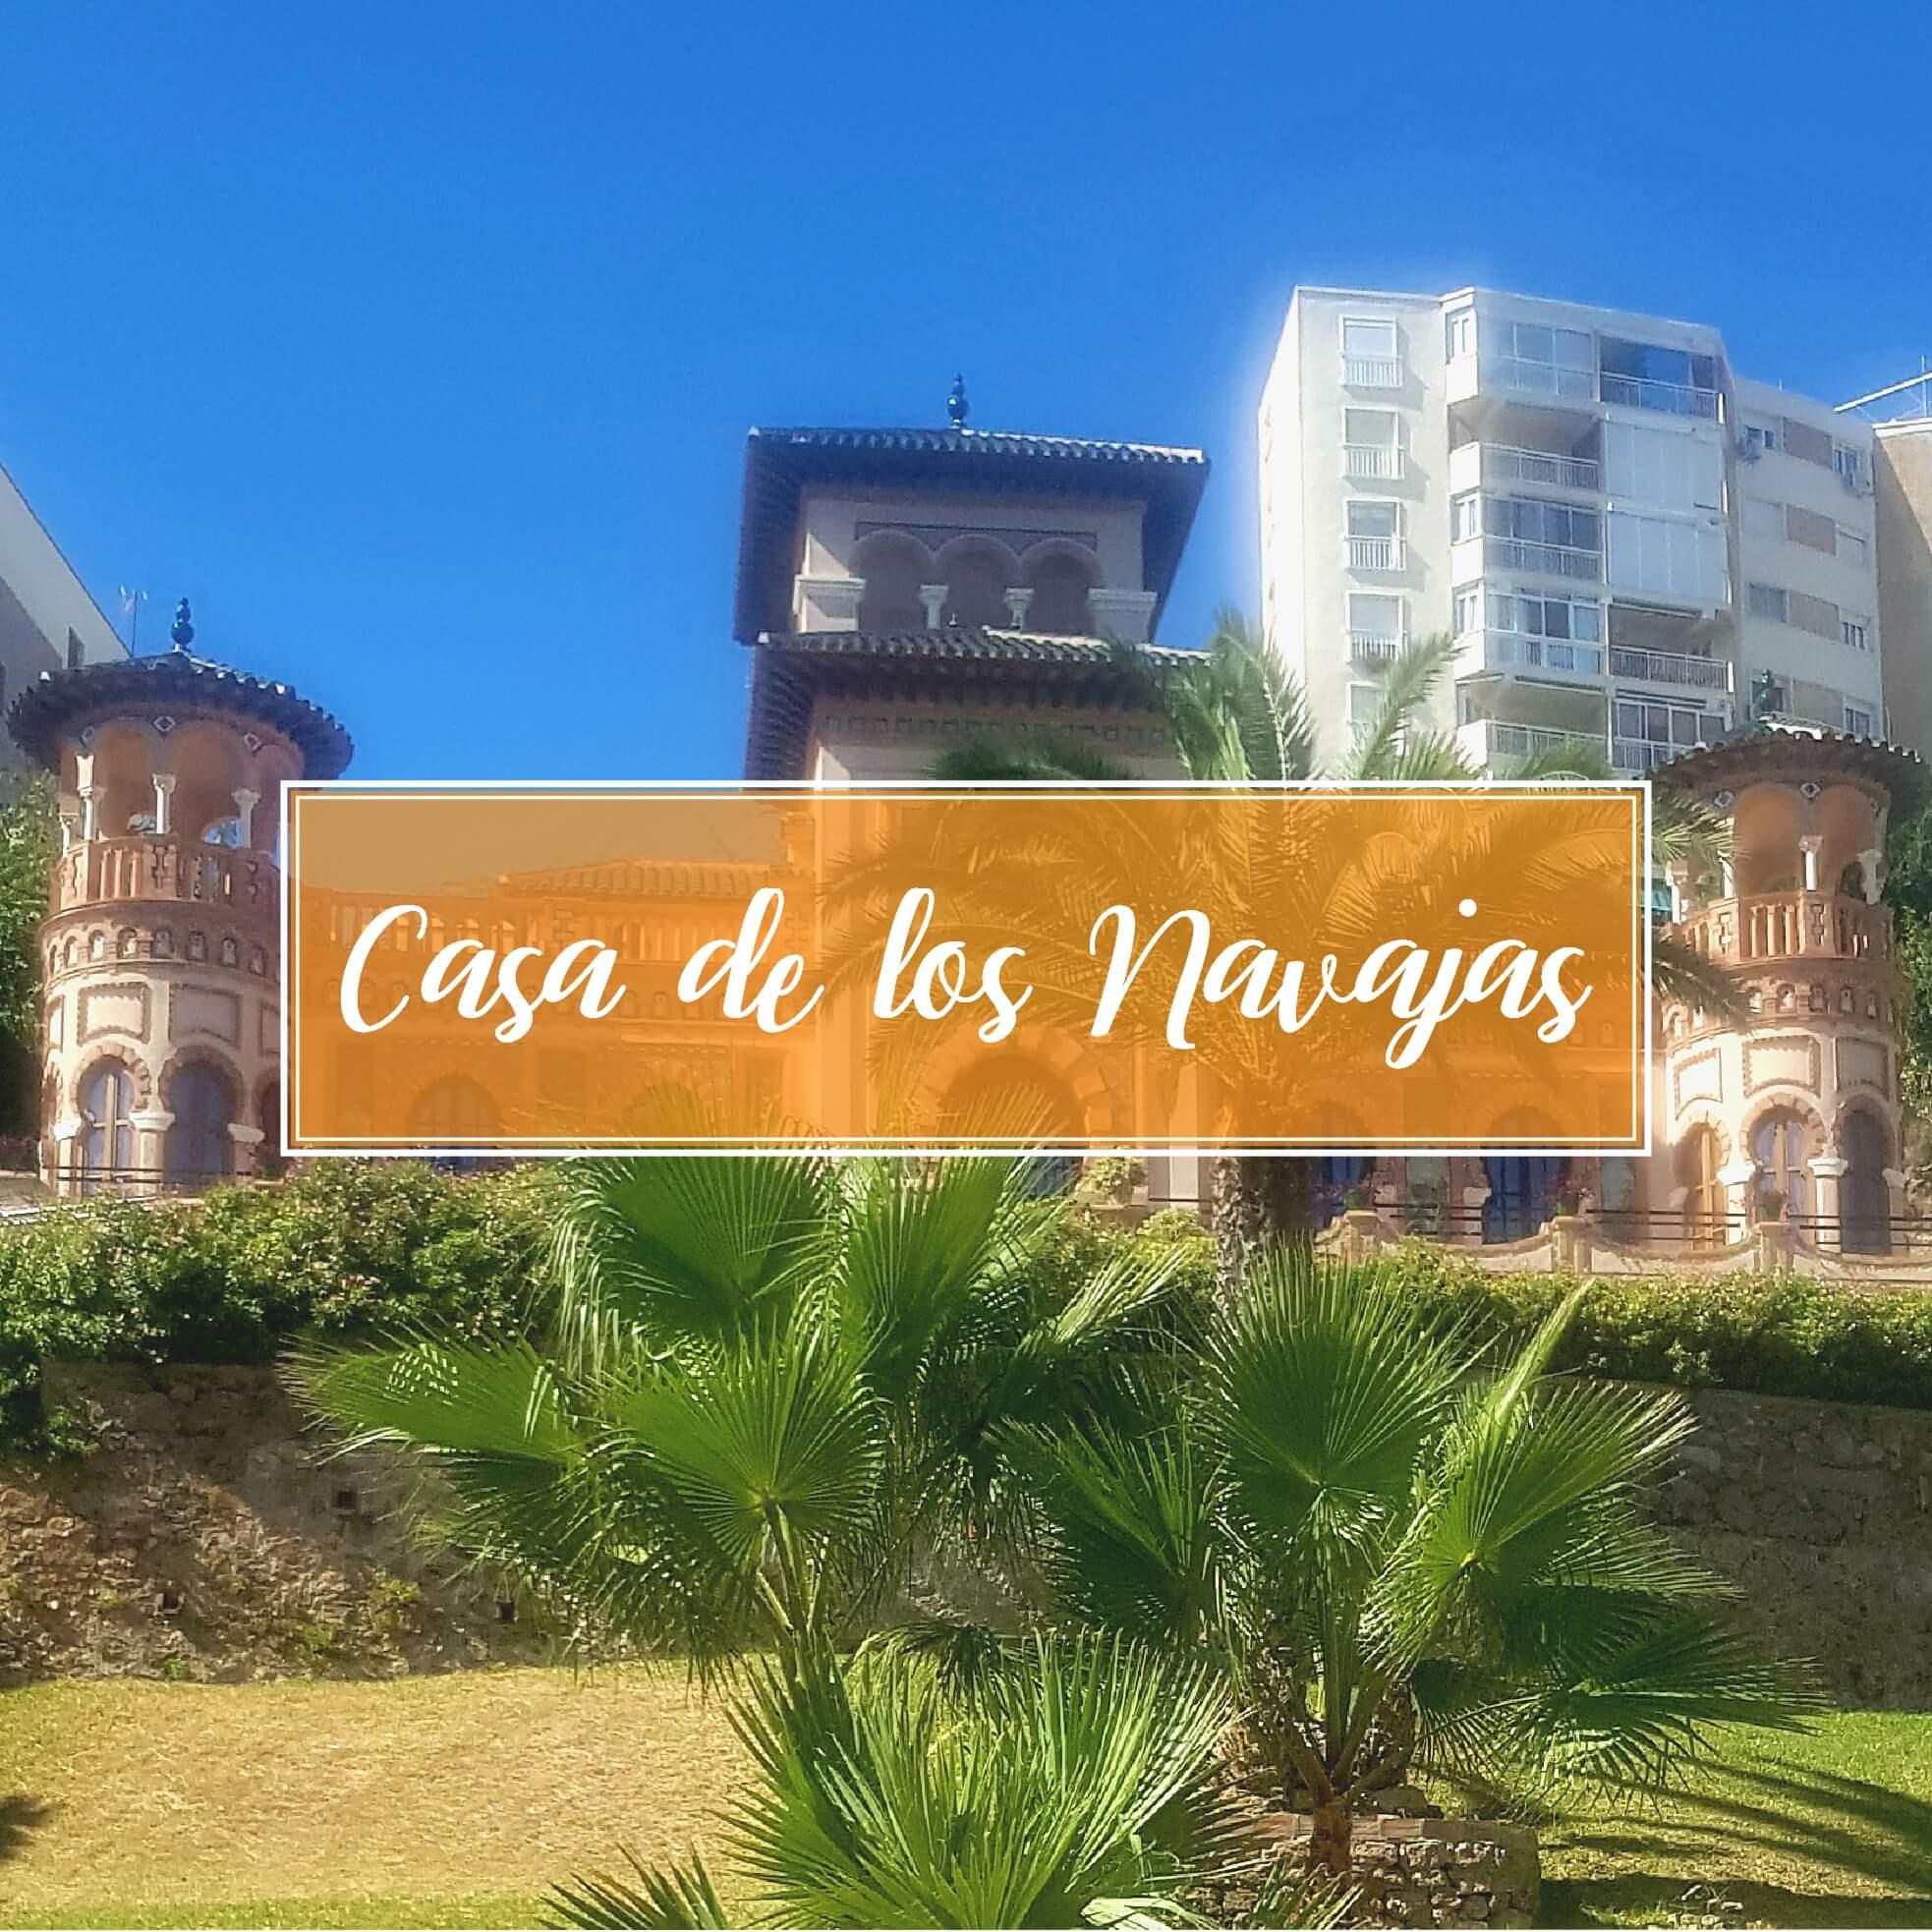 Hus La Casa de los Navajas Torremolinos Malaga